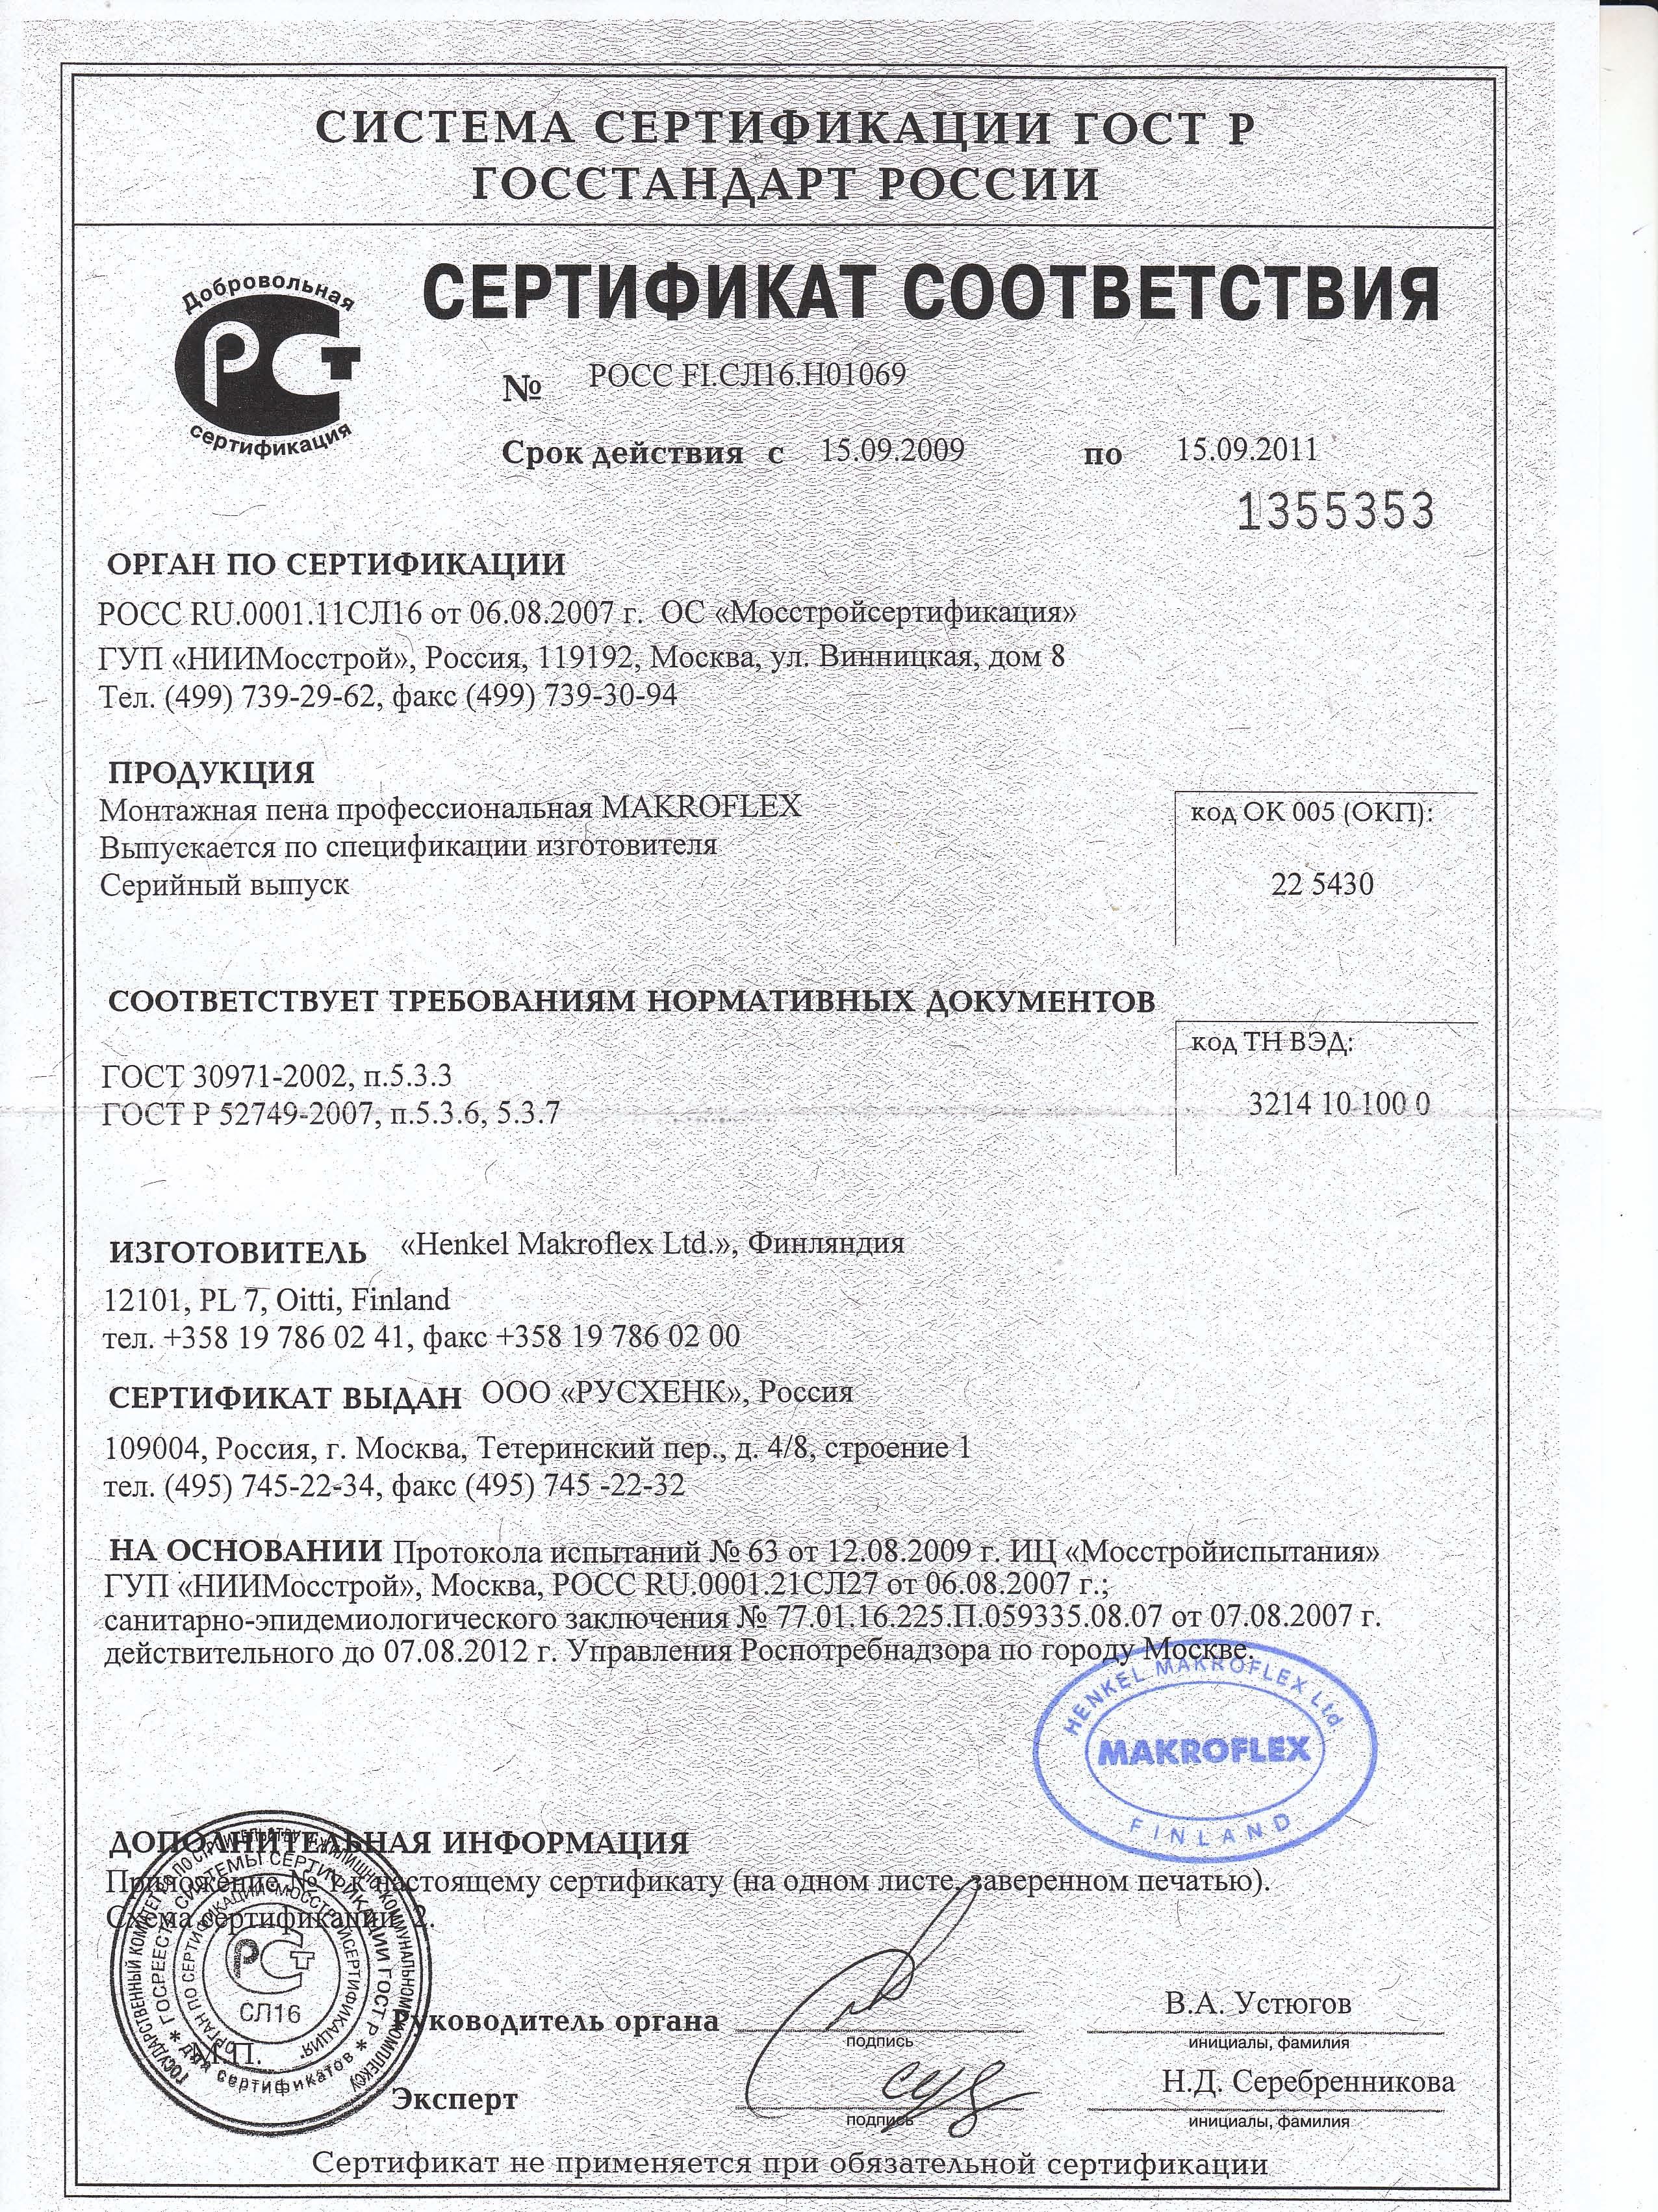 Сертификаты на стройматериалы   исполнительная документация.